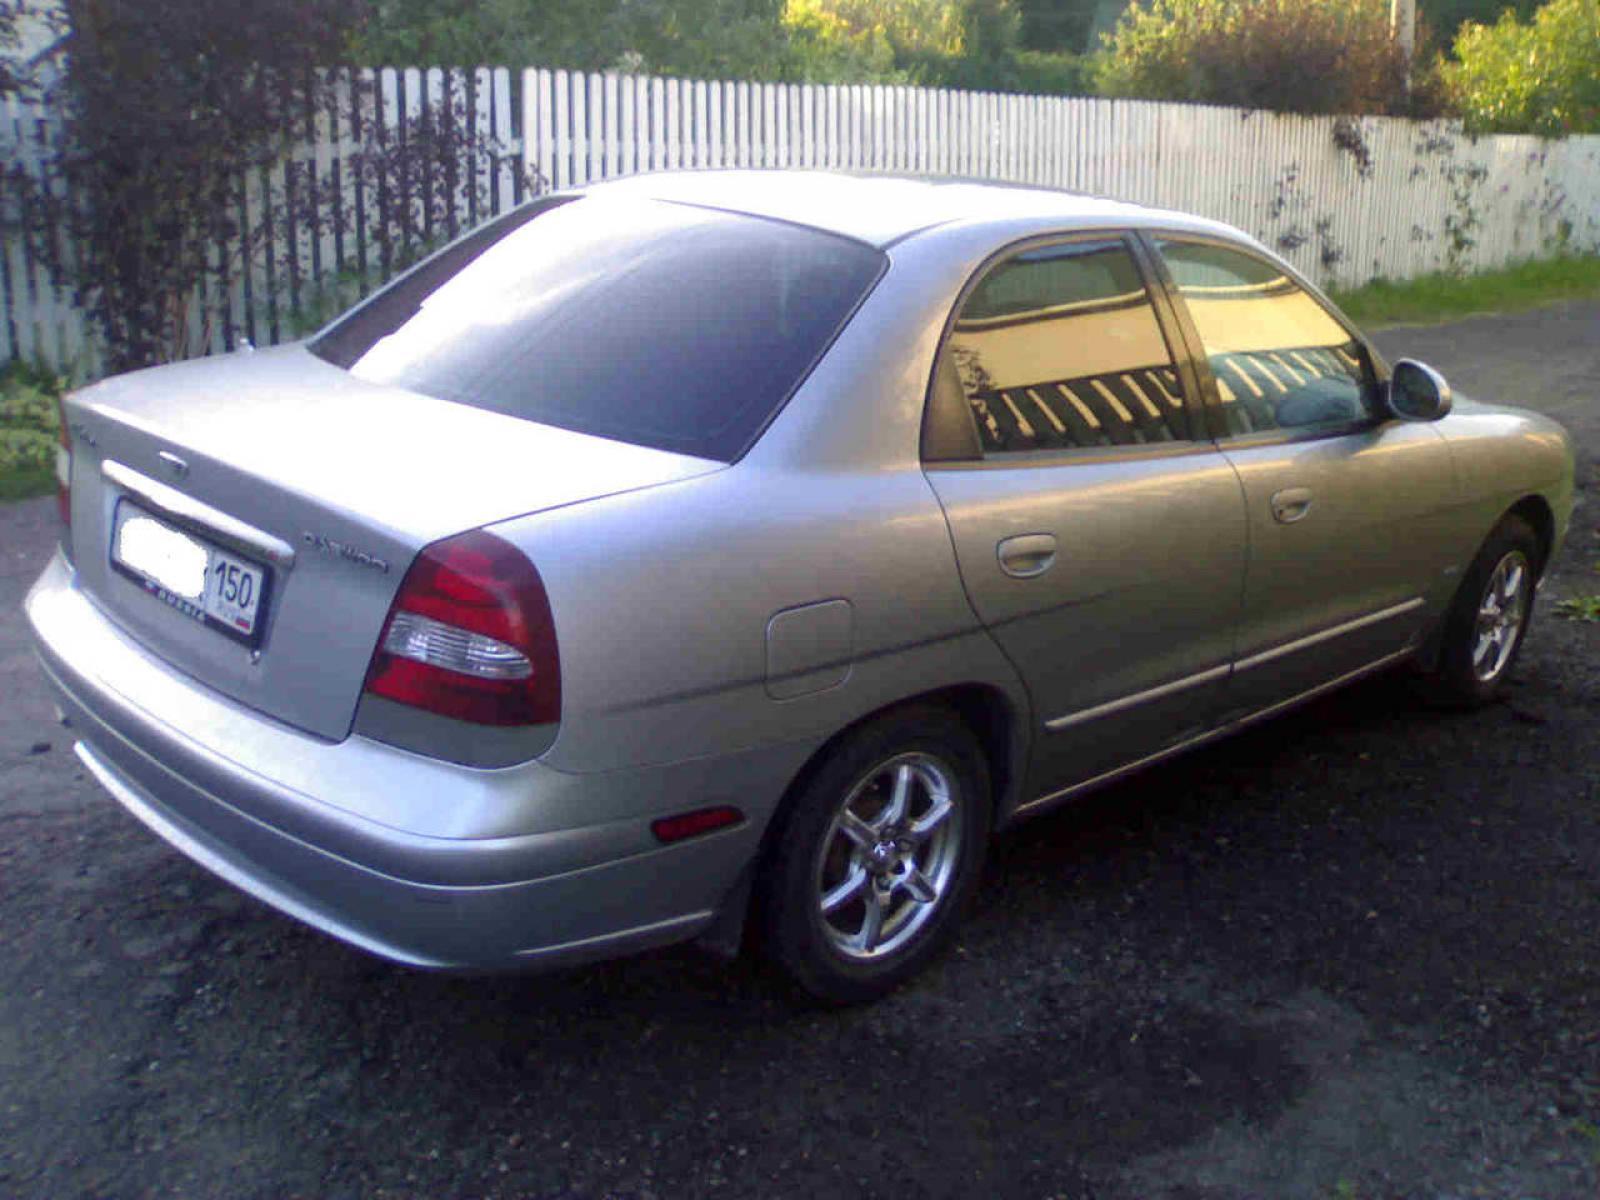 800 1024 1280 1600 origin 2001 Daewoo Nubira ...